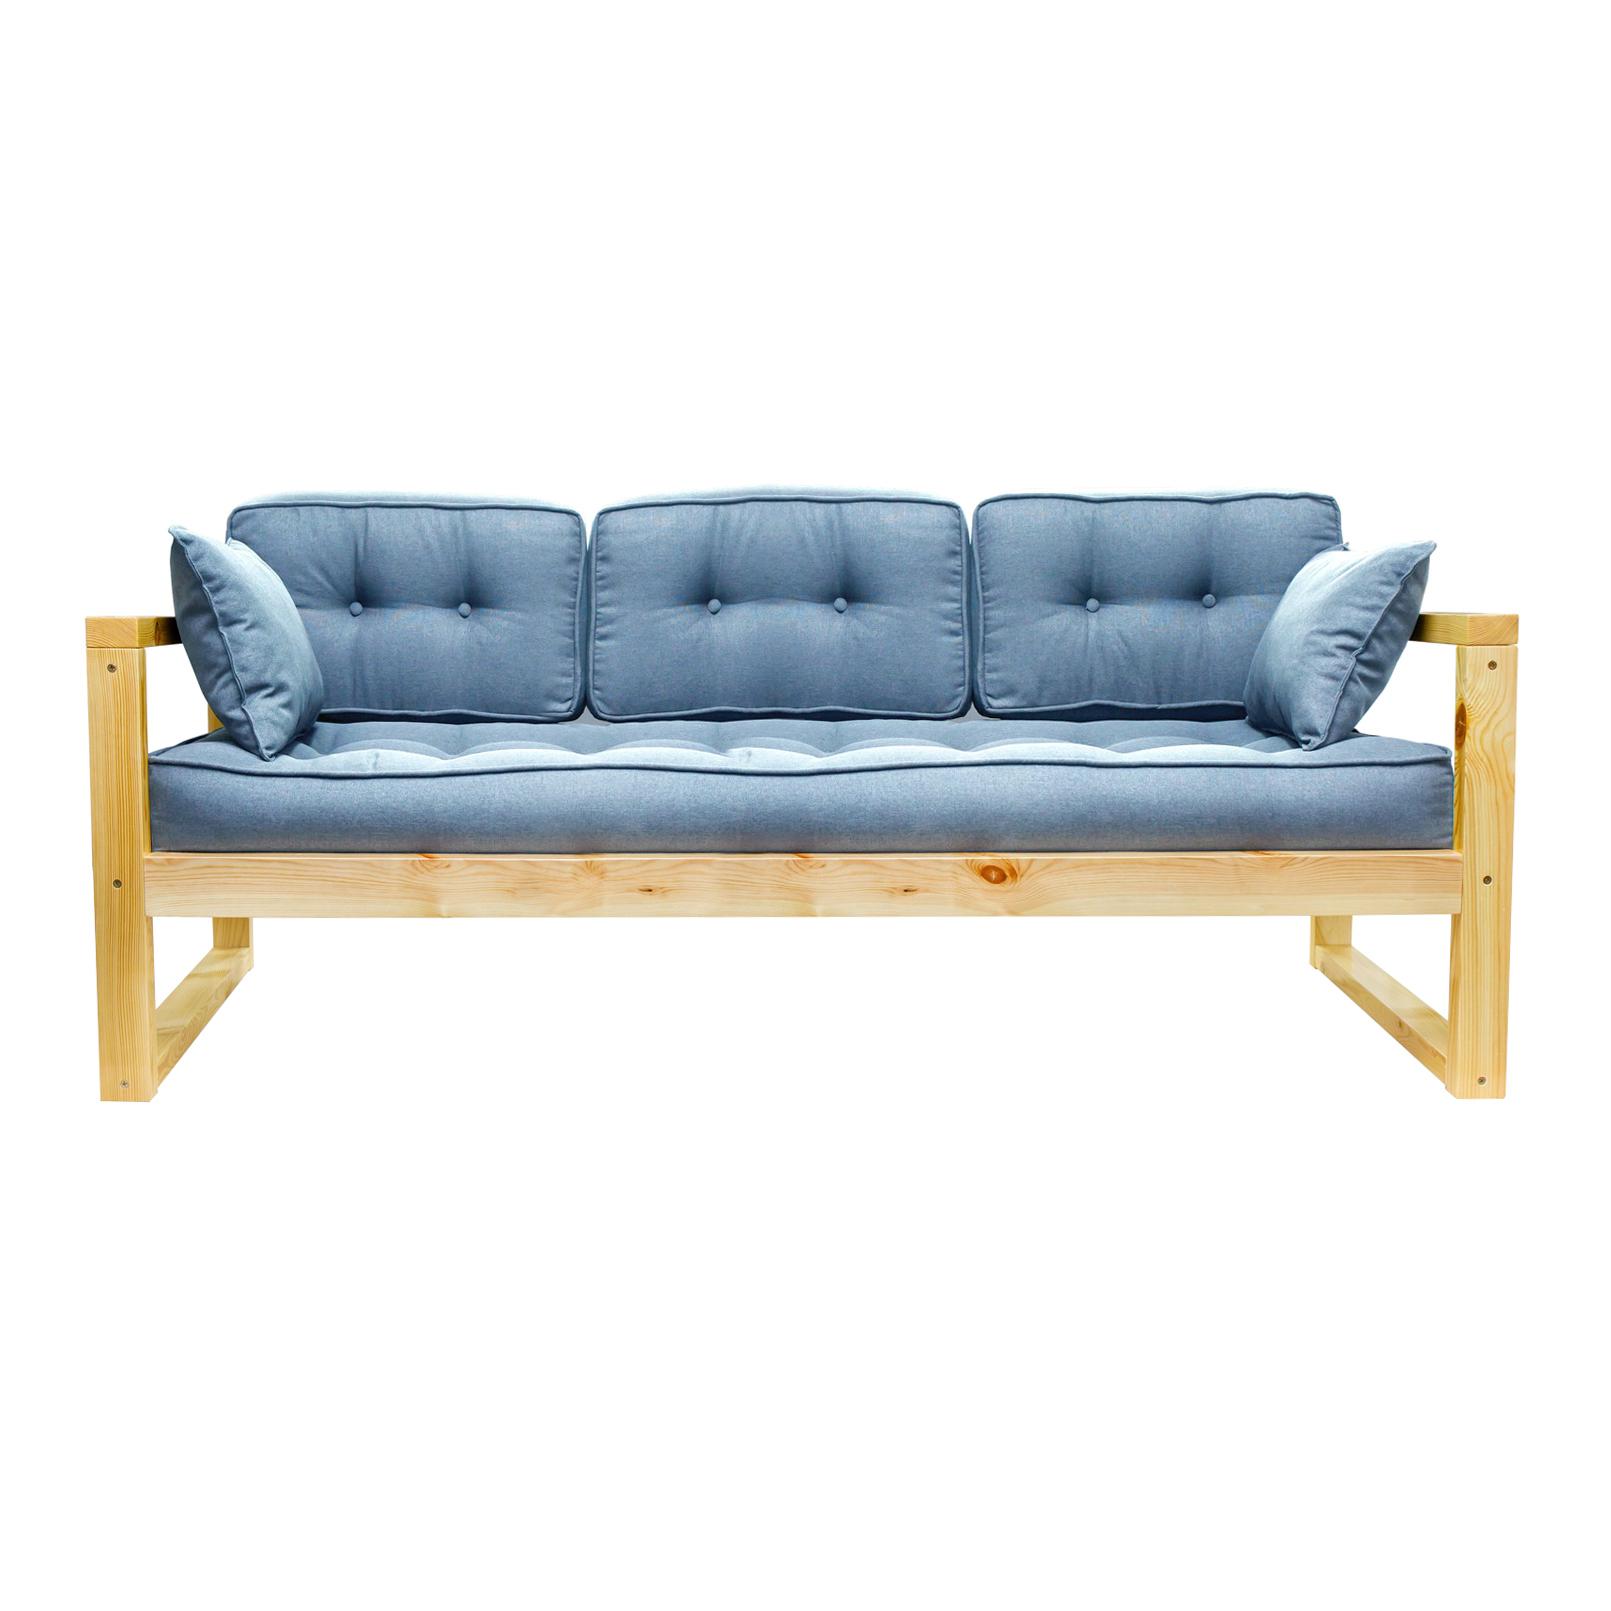 Фото - Диван AS Алекс б 178x73x64 сосна/голубой диван as алекс б 178x73x64 белый графитовый